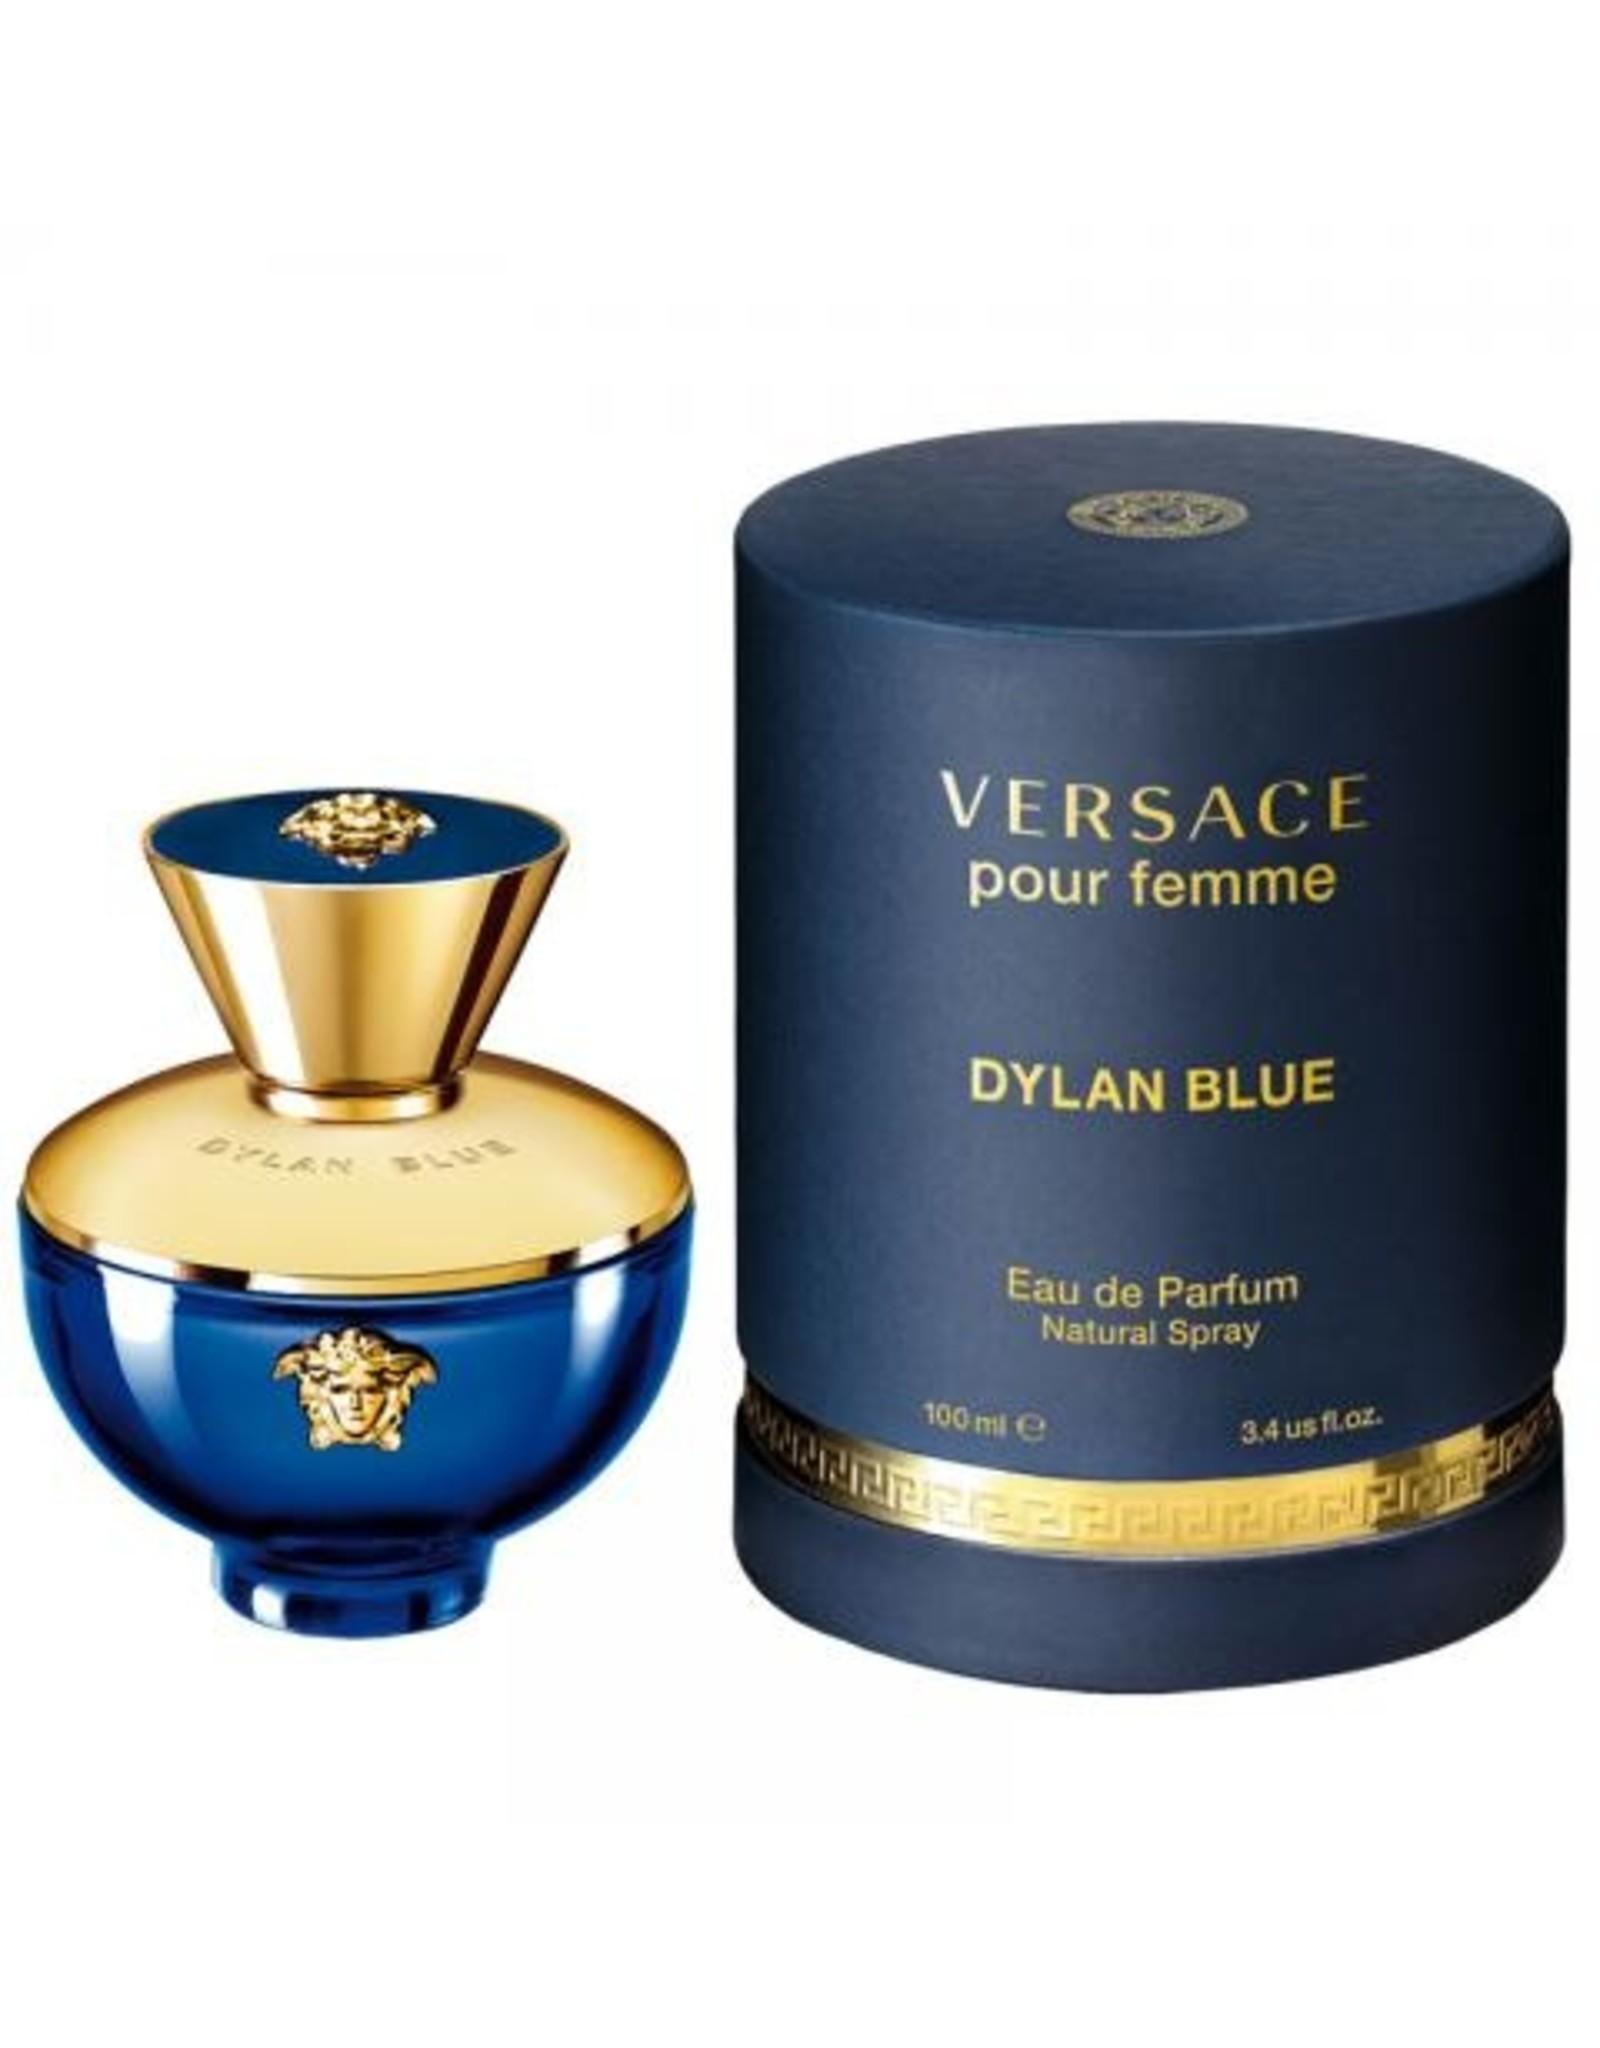 VERSACE VERSACE DYLAN BLUE POUR FEMME